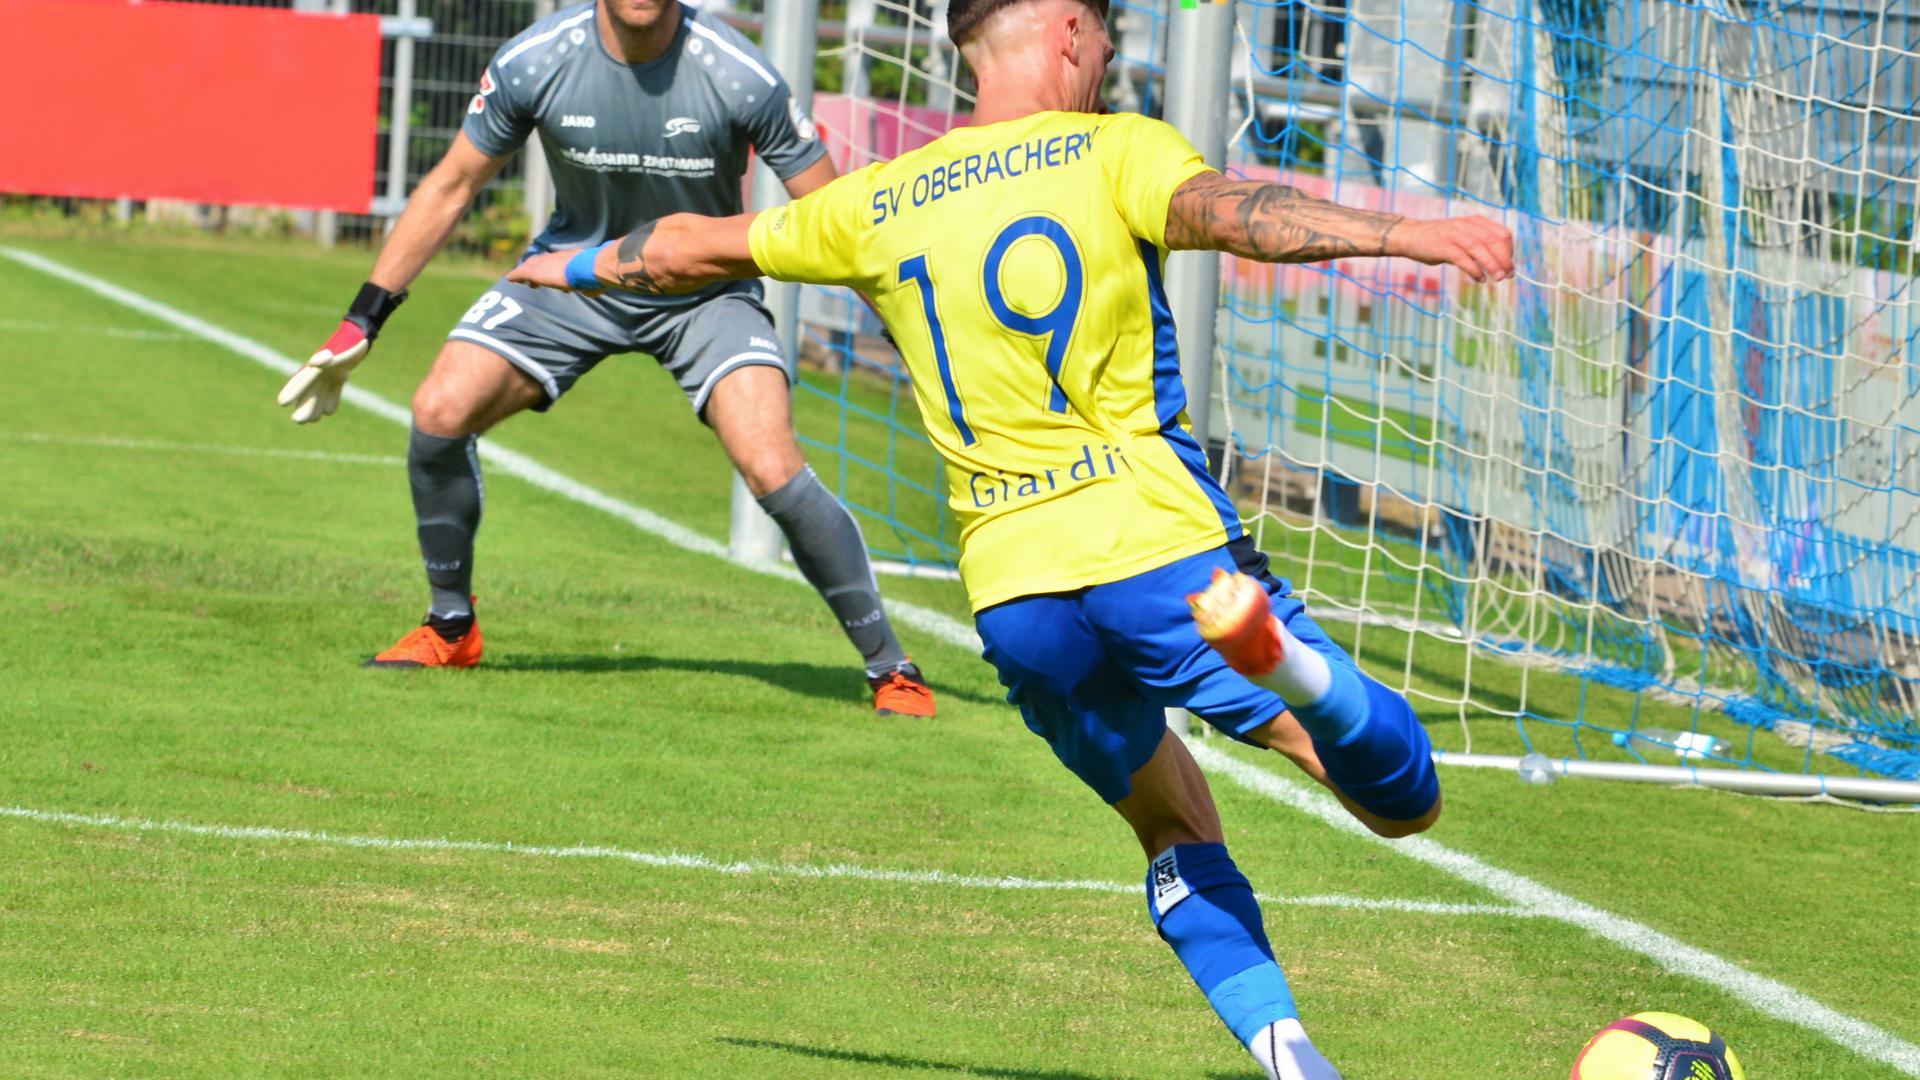 Emanuele Giardini (SV Oberachern) im Oberliga-Spiel gegen die Neckarsulmer SU mit Torwart Marcel Susser